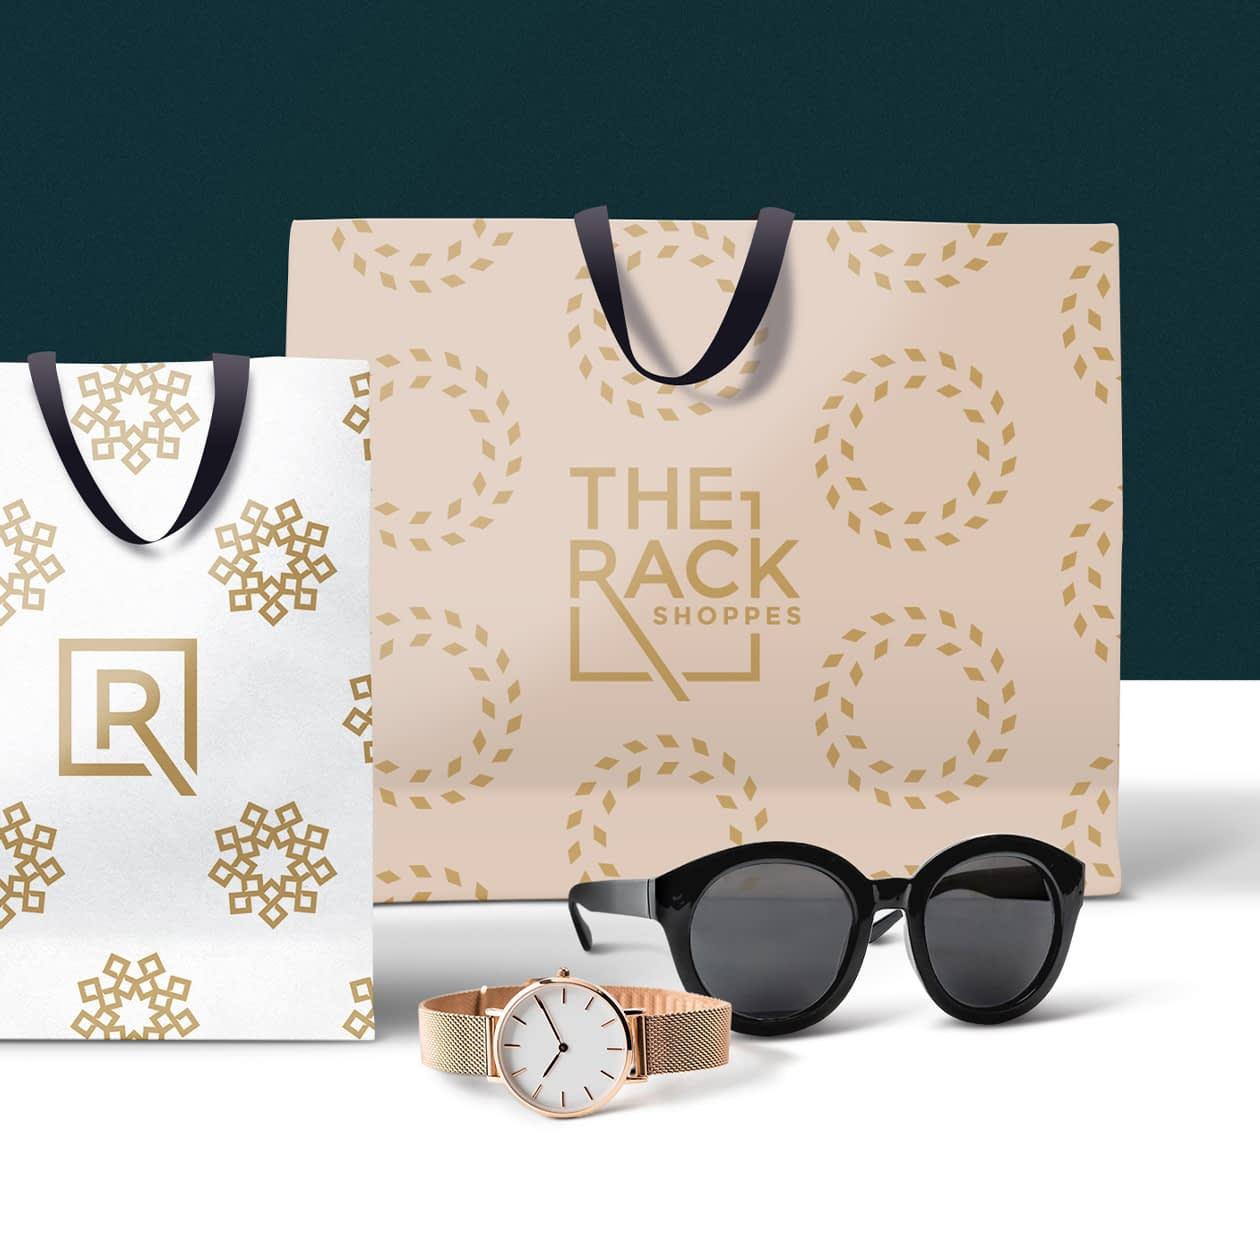 the rack branding monkeytag